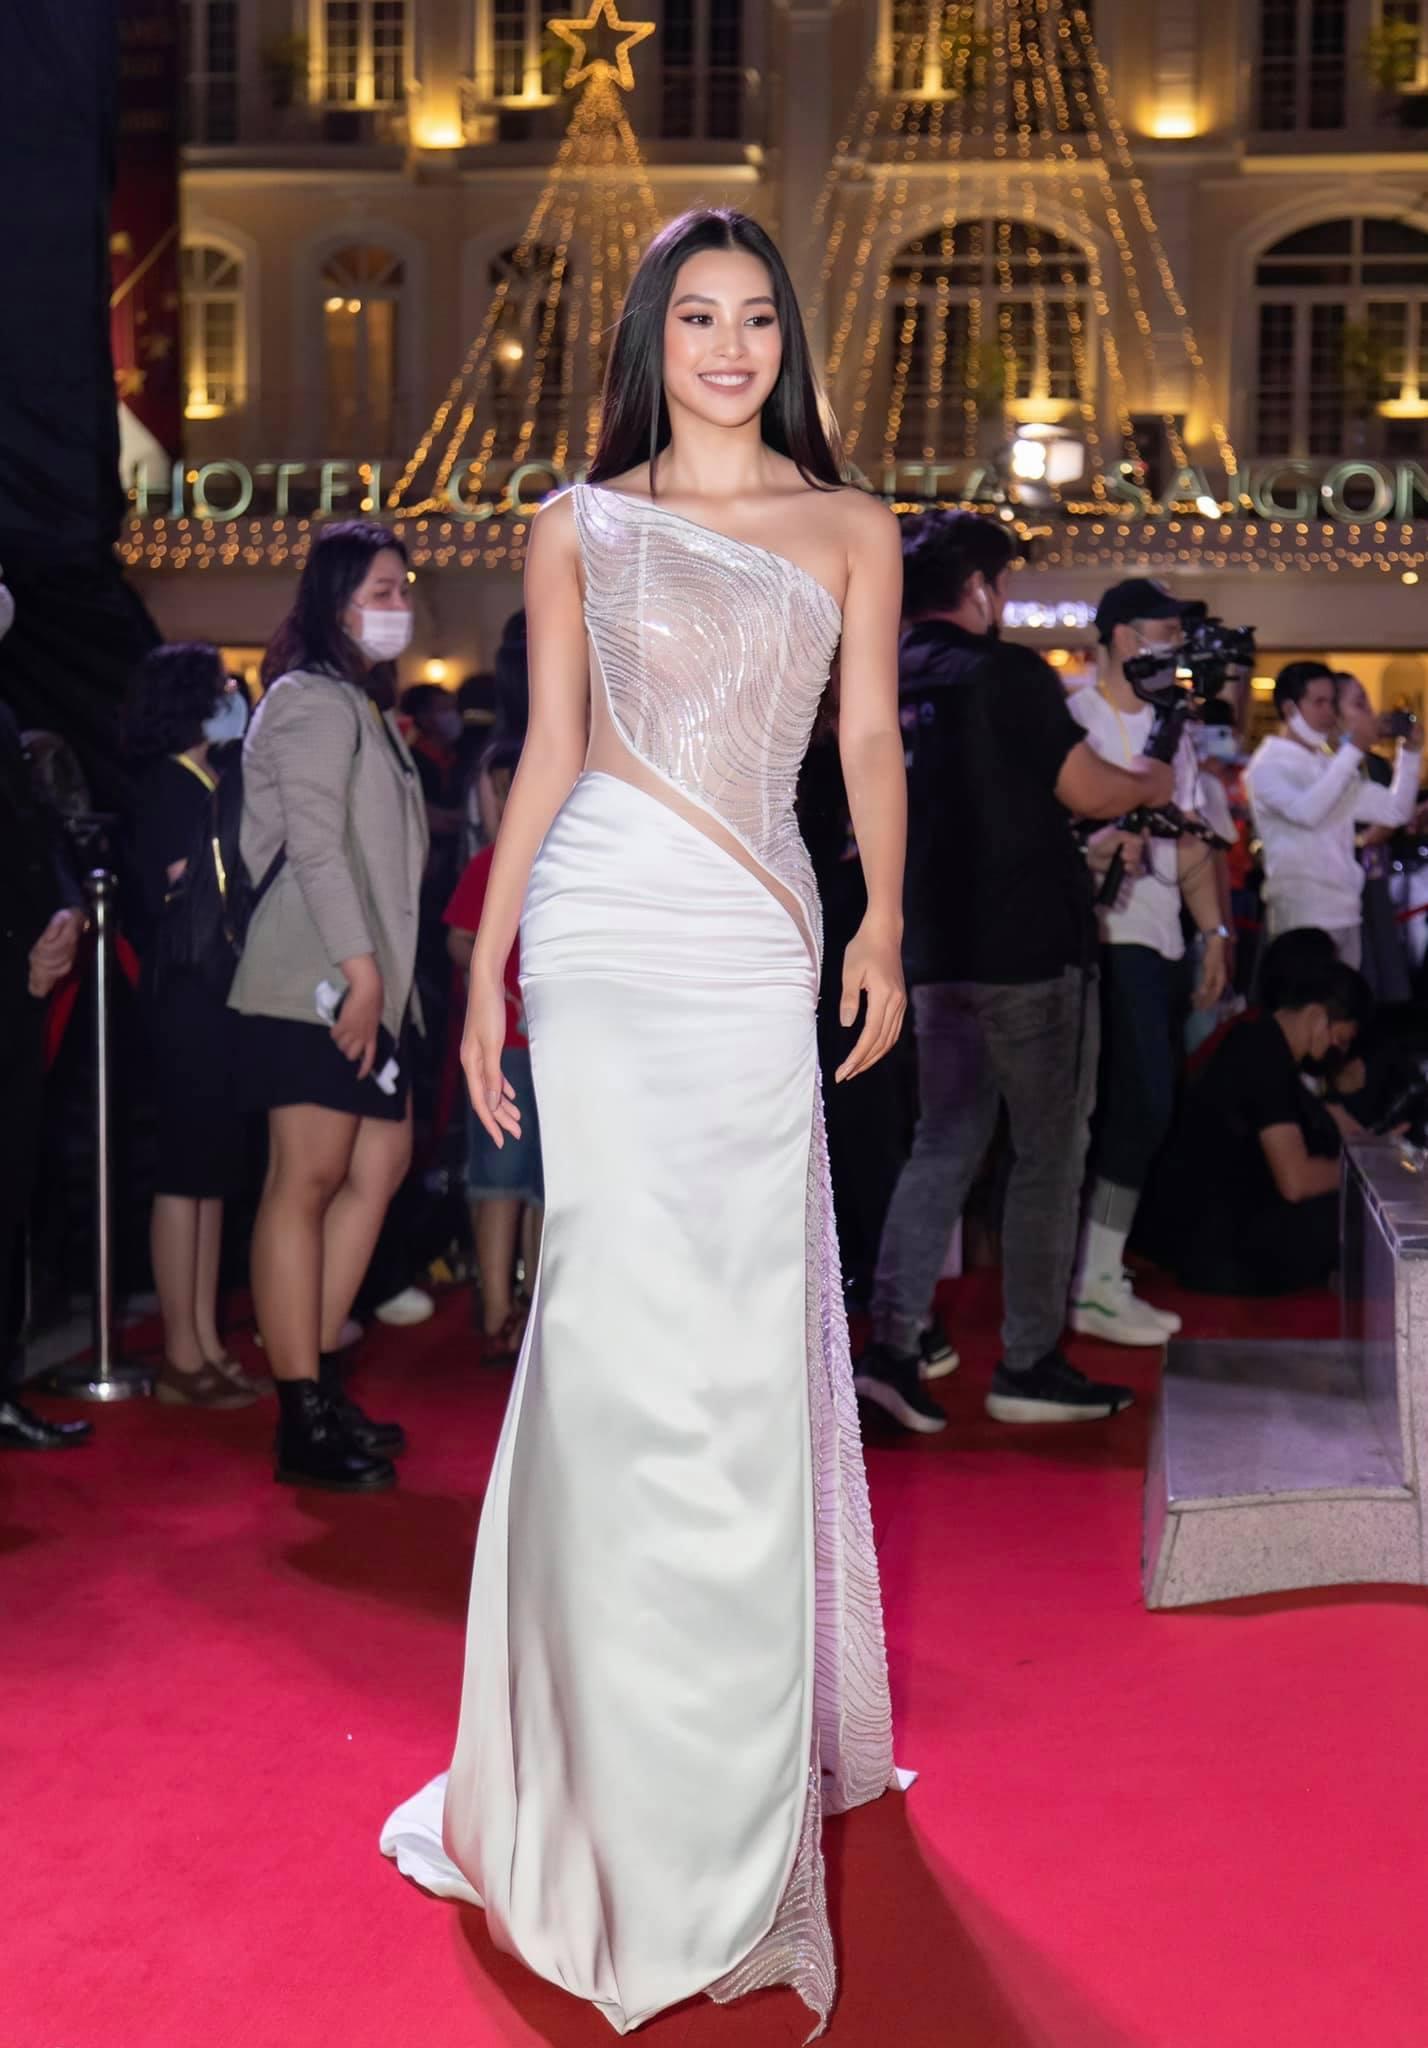 """Chưa đầy 2 tuần, sao Việt đã cạnh tranh gay gắt ngôi """"nữ hoàng thảm đỏ"""" năm 2021: Tiếc là chưa ai qua được Ngọc Trinh - Ảnh 4."""